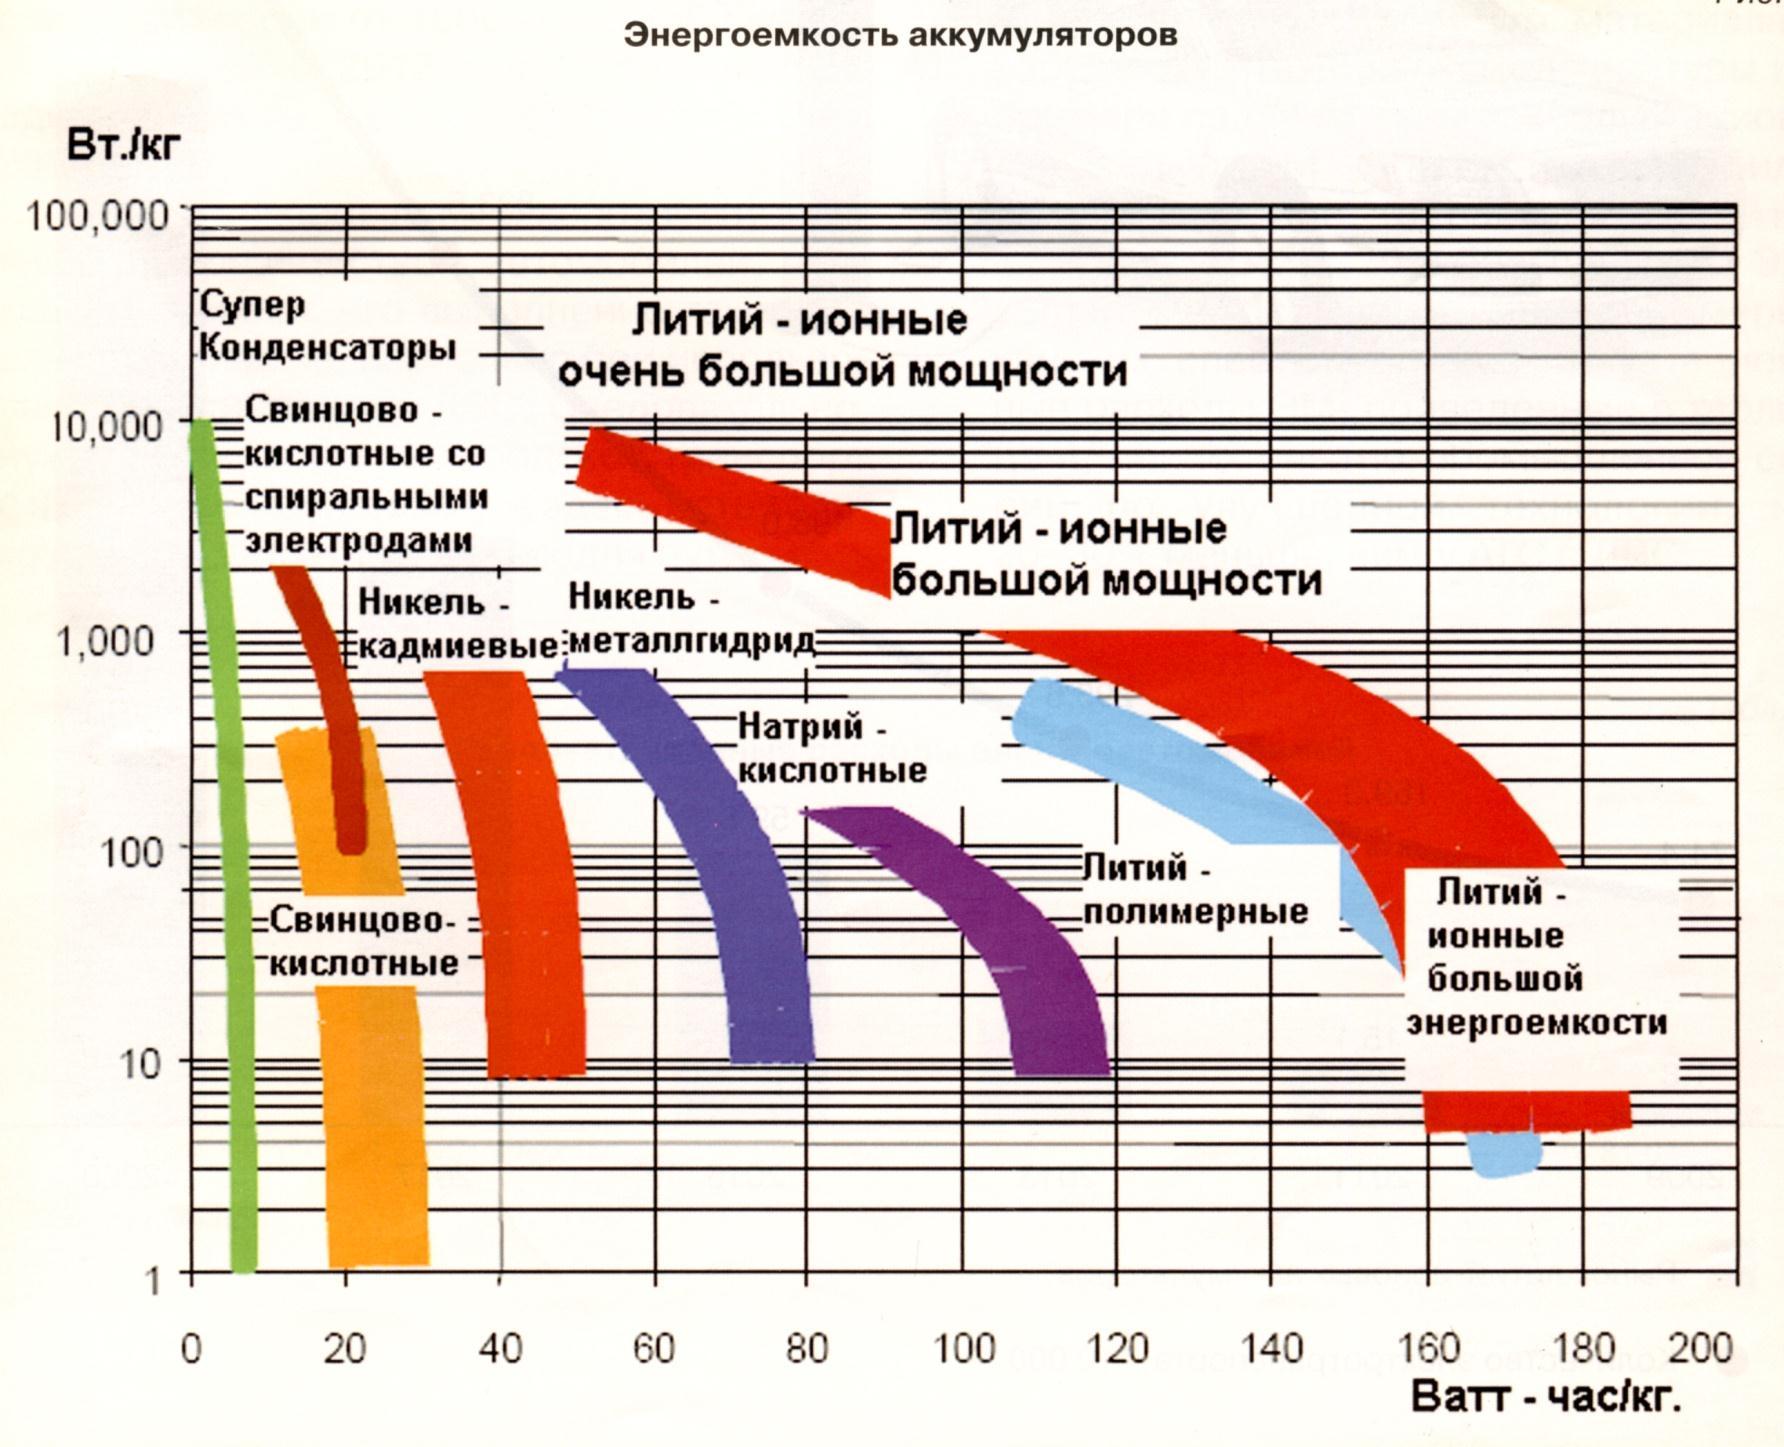 osobennosti-preimushchestva-i-nedostatki-litievyh-akkumulyatorov-dlya-shurupoverta-19[1].jpg